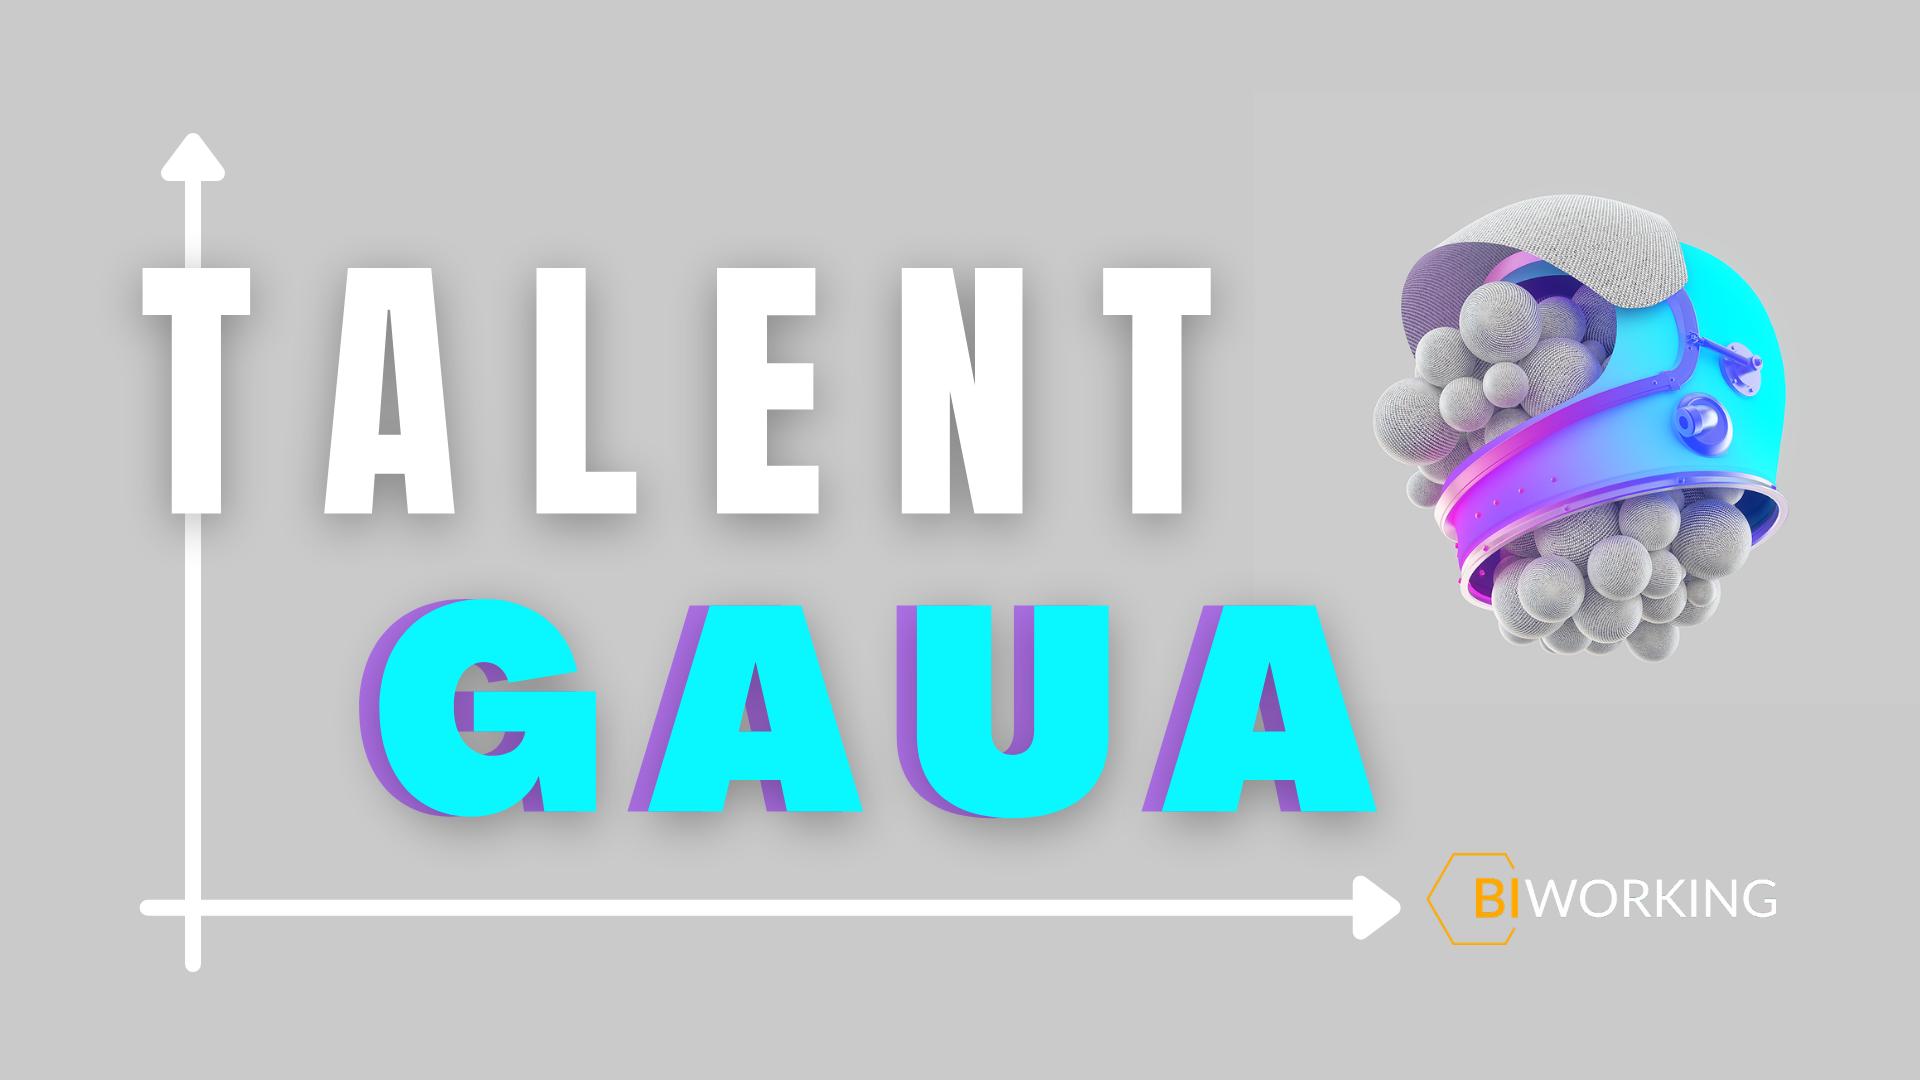 talent-gaua-biworking-salidas-profesionales-bilbao-trabajo-coworking-empreder-tecnología